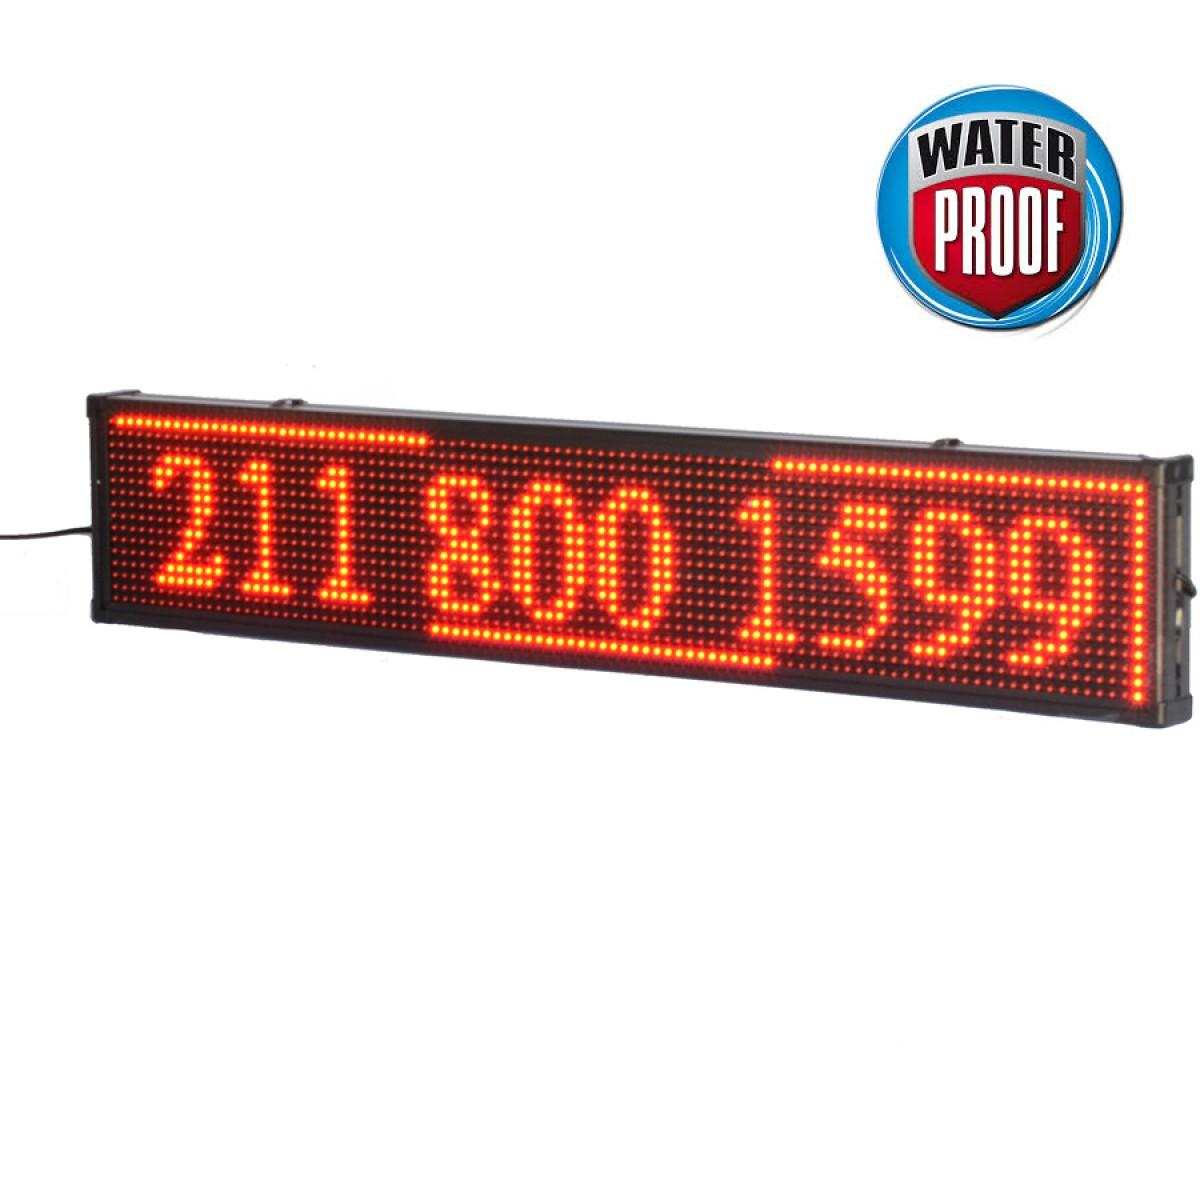 Πινακίδα LED ΑΔΙΑΒΡΟΧΗ κυλιόμενων μηνυμάτων 100x20 cm